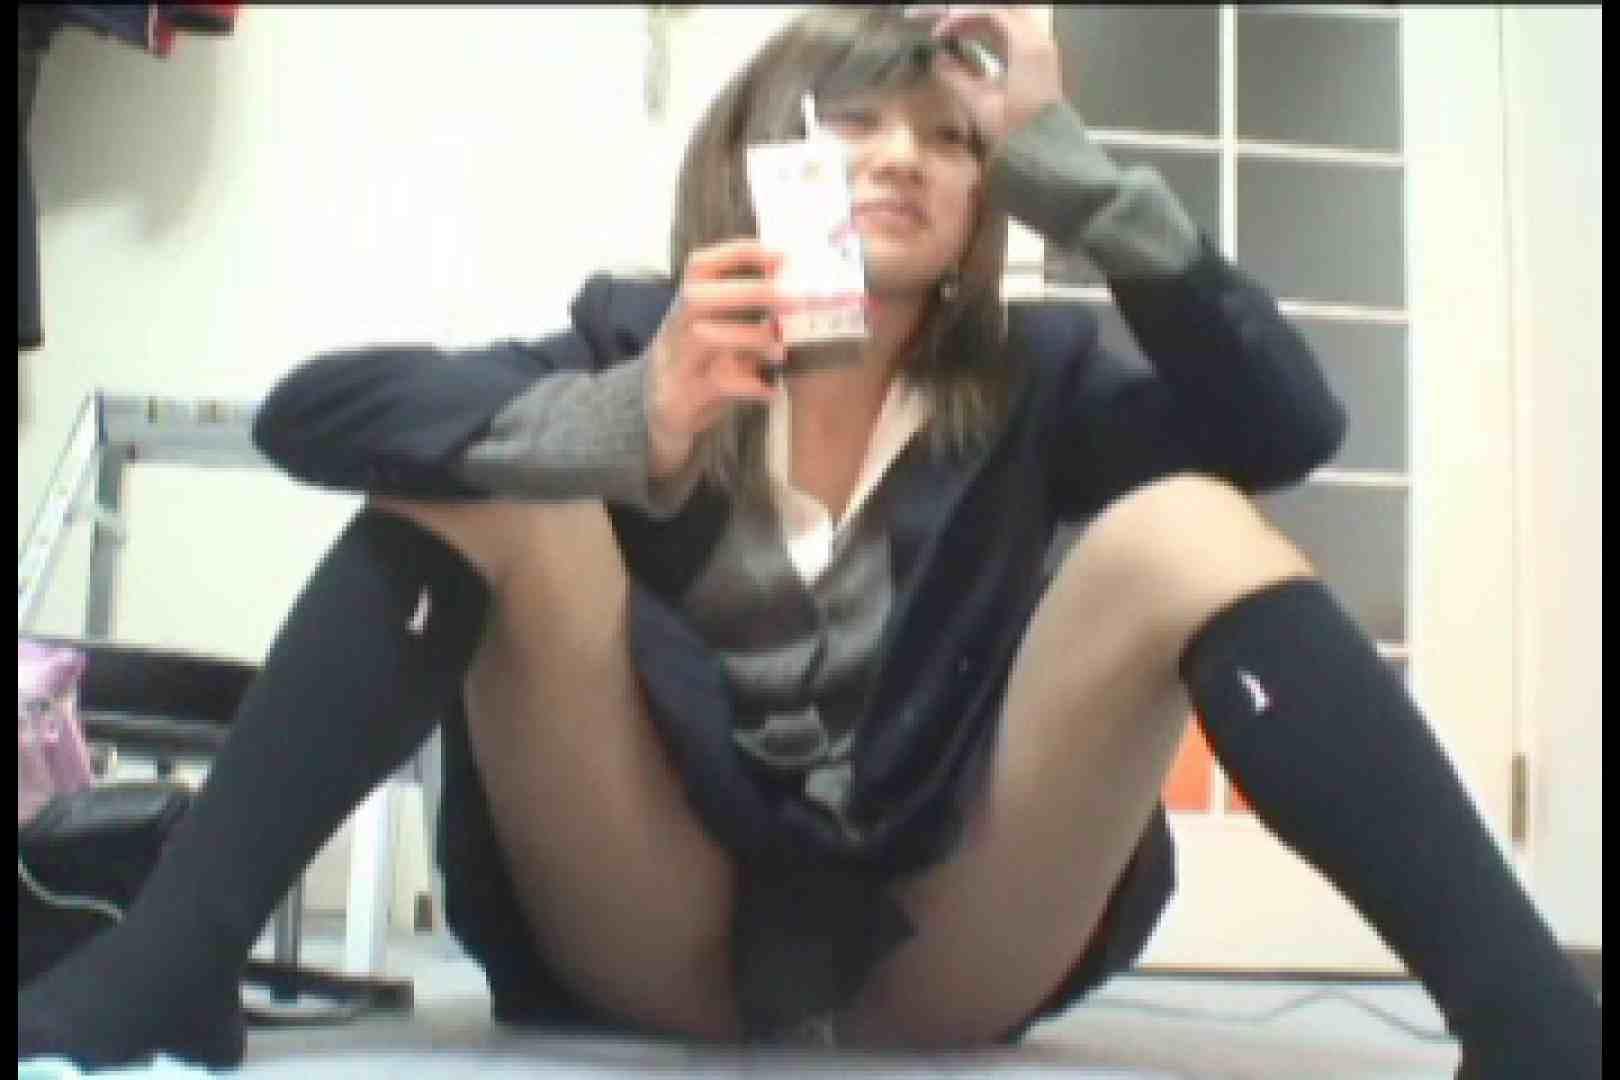 パンツ売りの女の子 れいなちゃんvol.1 丸出しマンコ おまんこ無修正動画無料 66連発 57